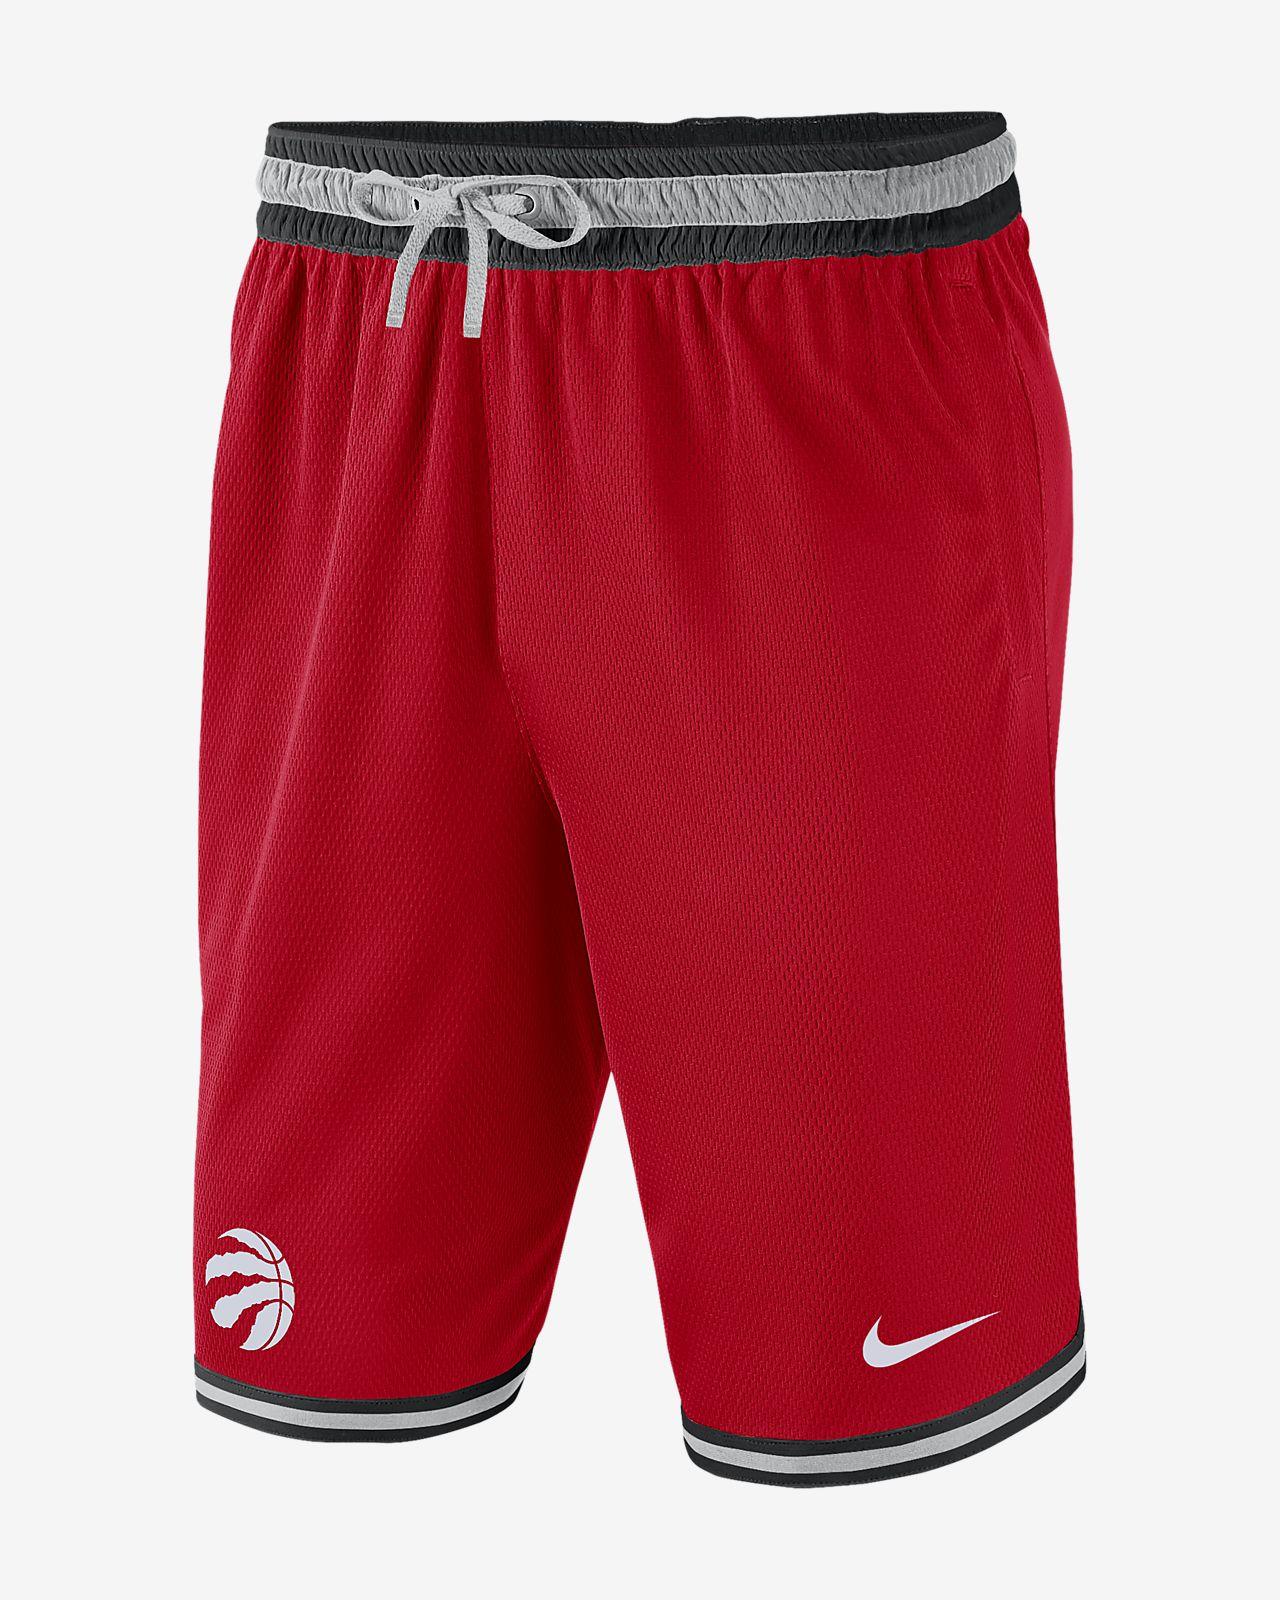 Мужские шорты НБА Toronto Raptors Nike